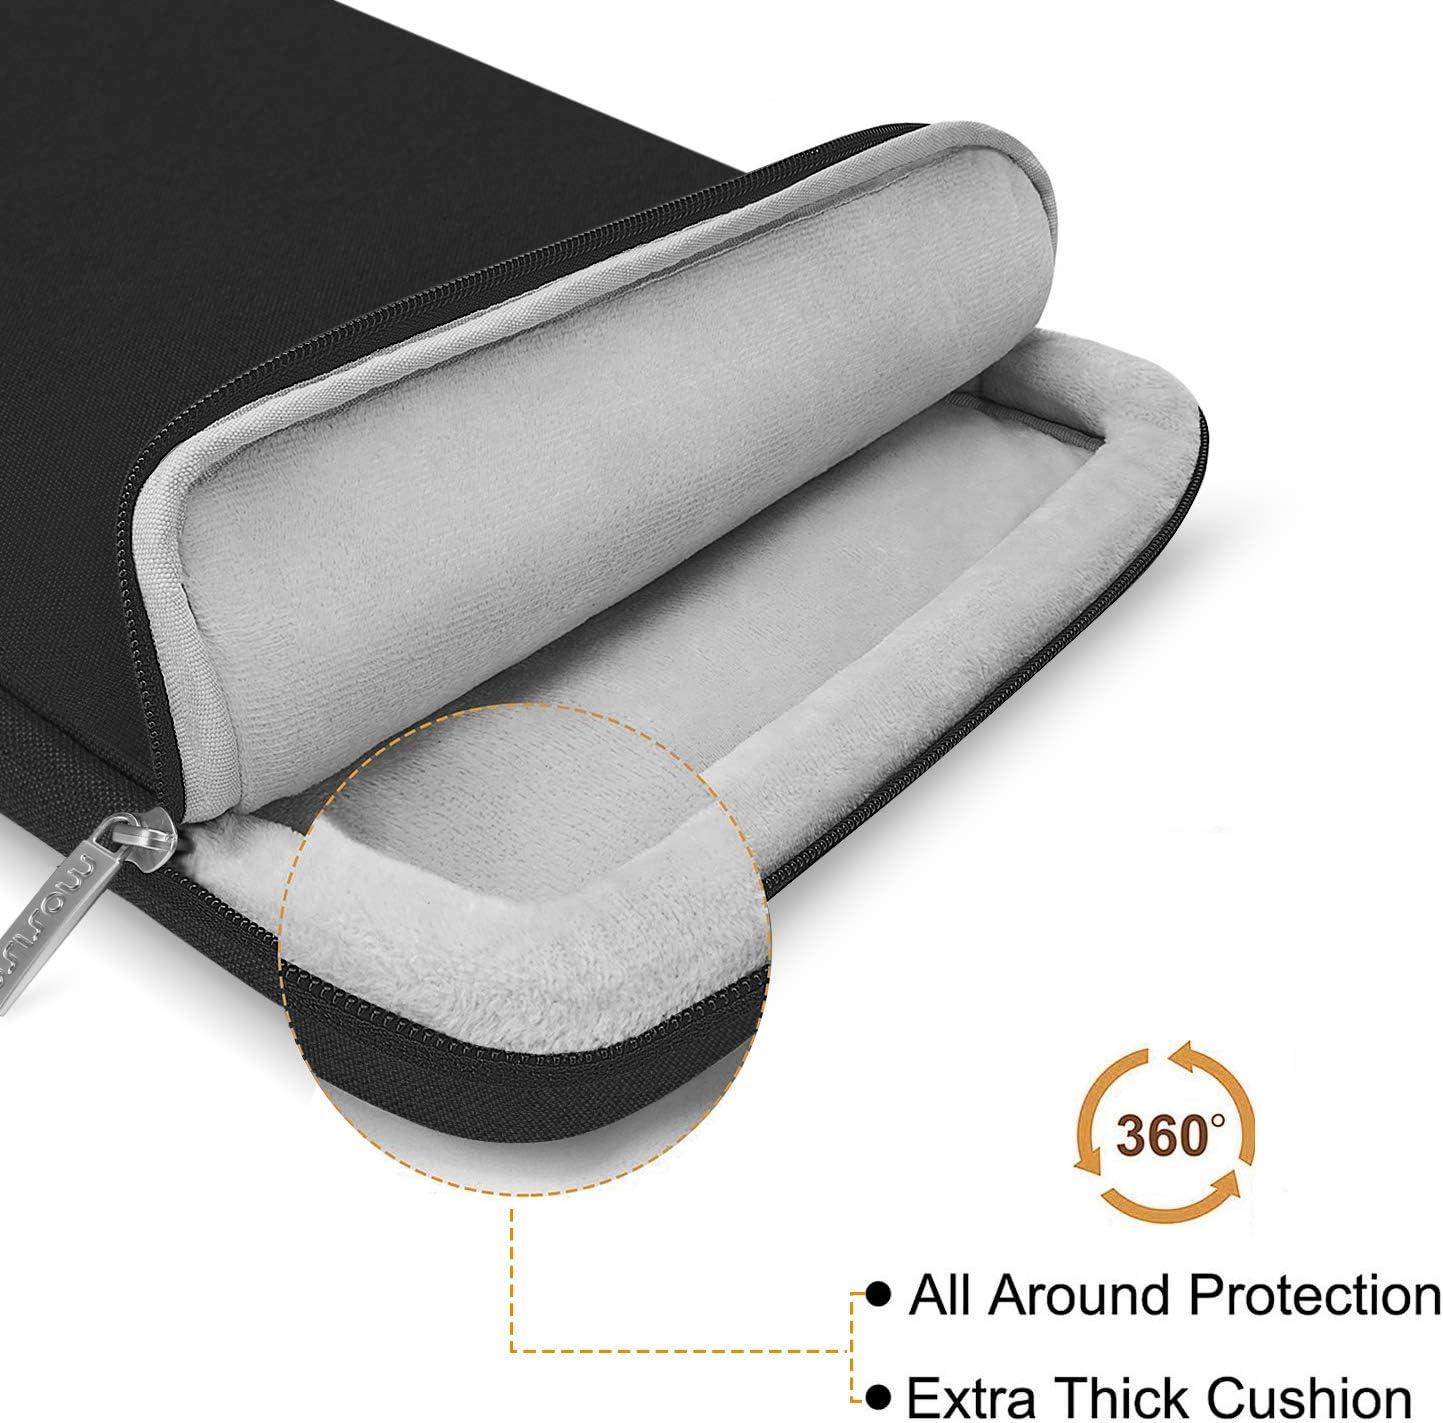 Schwarz Plastik Hartschale H/ülle /& 360 Schutz Sleeve Tasche /& Tastaturschutz MOSISO H/ülle Kompatibel mit MacBook Pro 13 Zoll 2020 2019 2018 2017 2016 A2338 M1 A2251 A2289 A2159 A1989 A1706 A1708